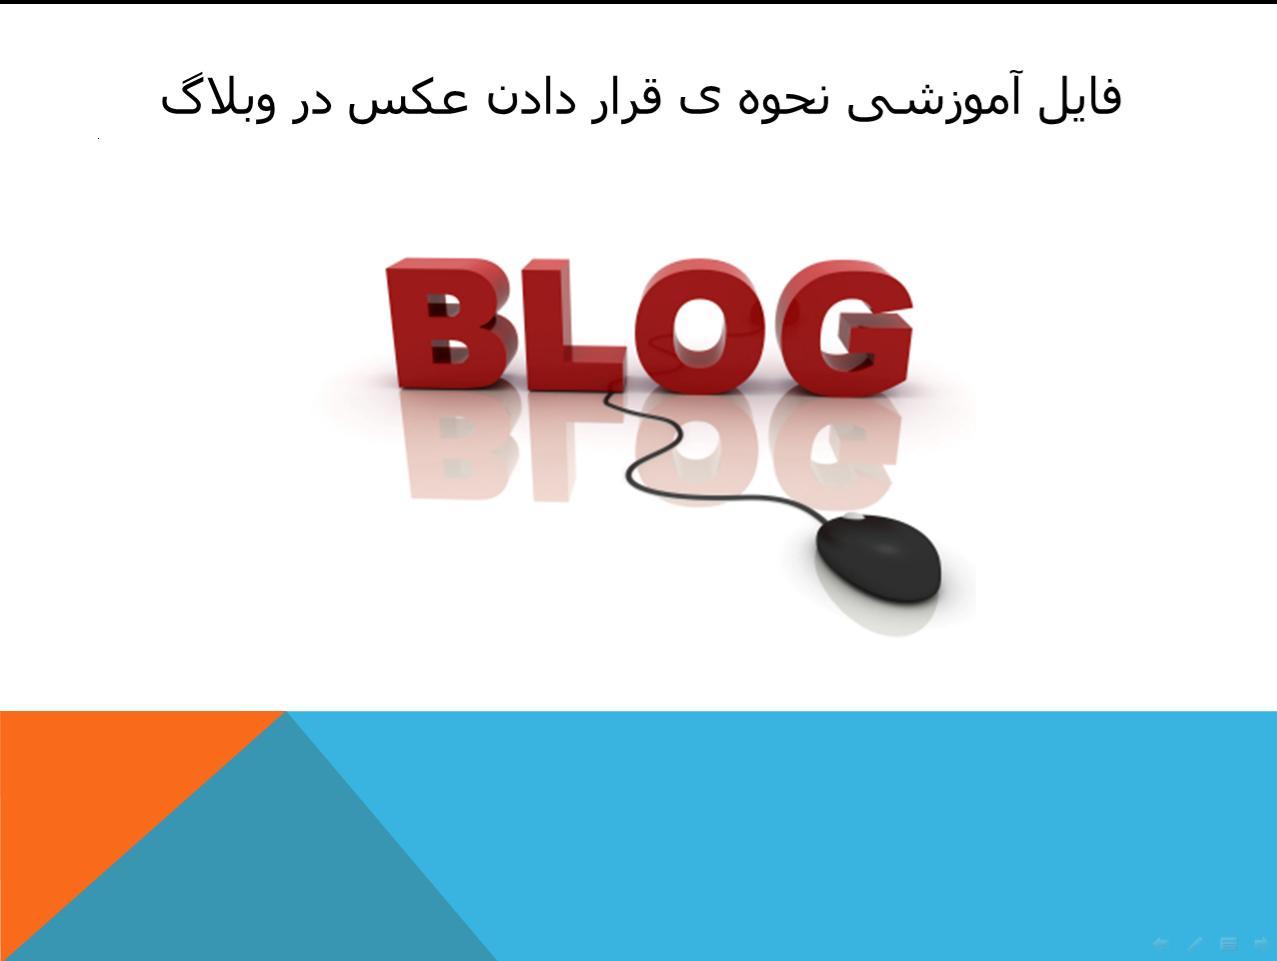 آموزش قرار دادن عکس در وبلاگ